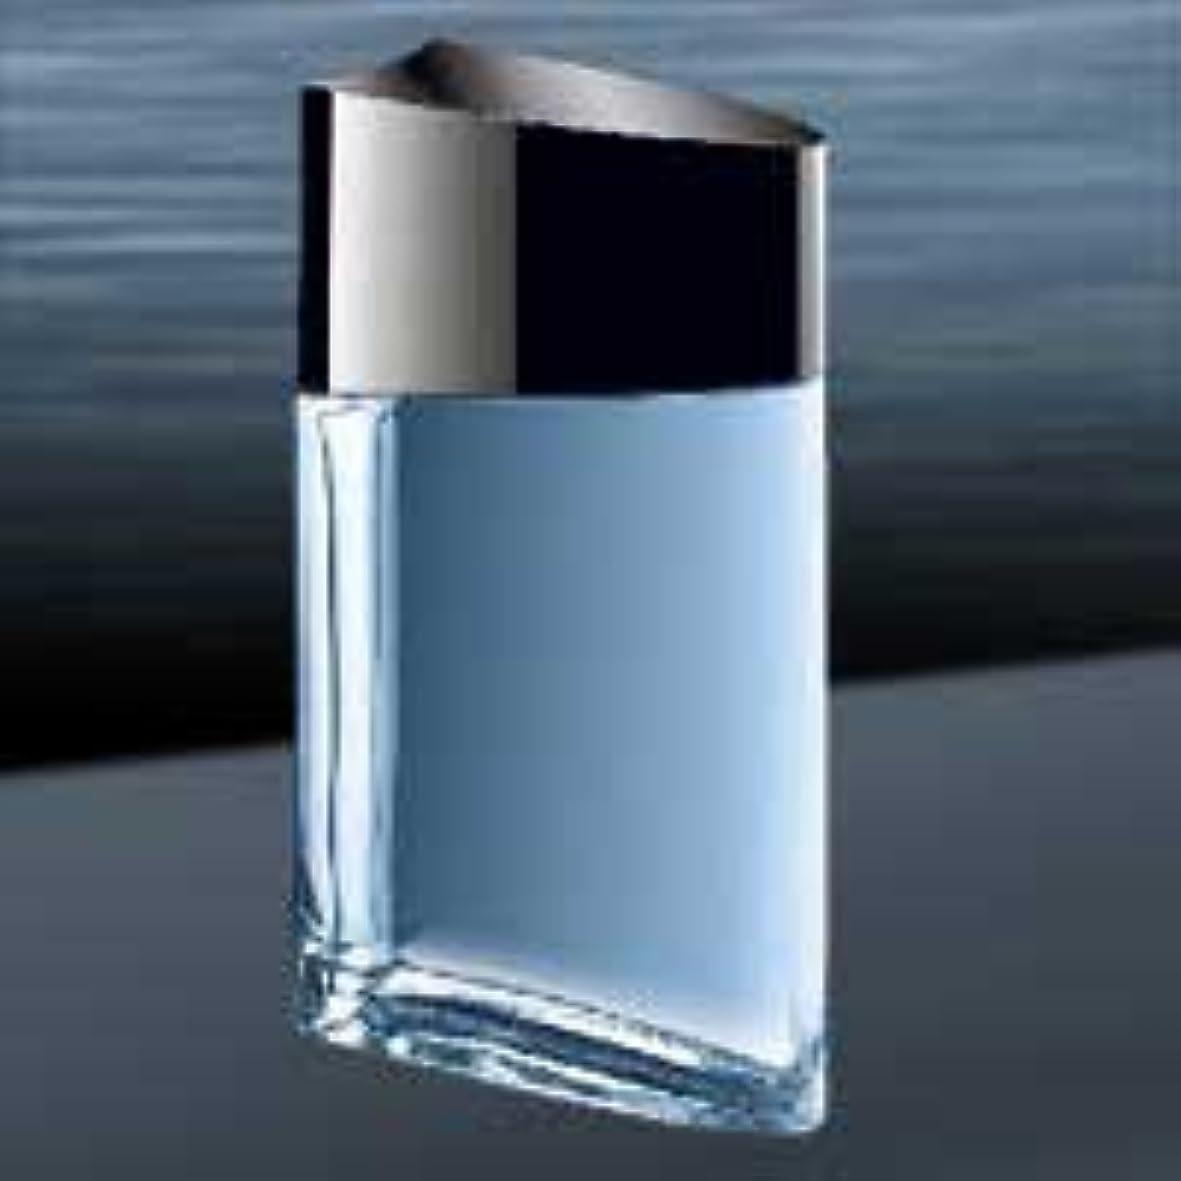 演劇長いです残りAzzaro Visit(アザロビジット) 3.4 oz (100ml) EDT Spray by Loris Azzaro for Men